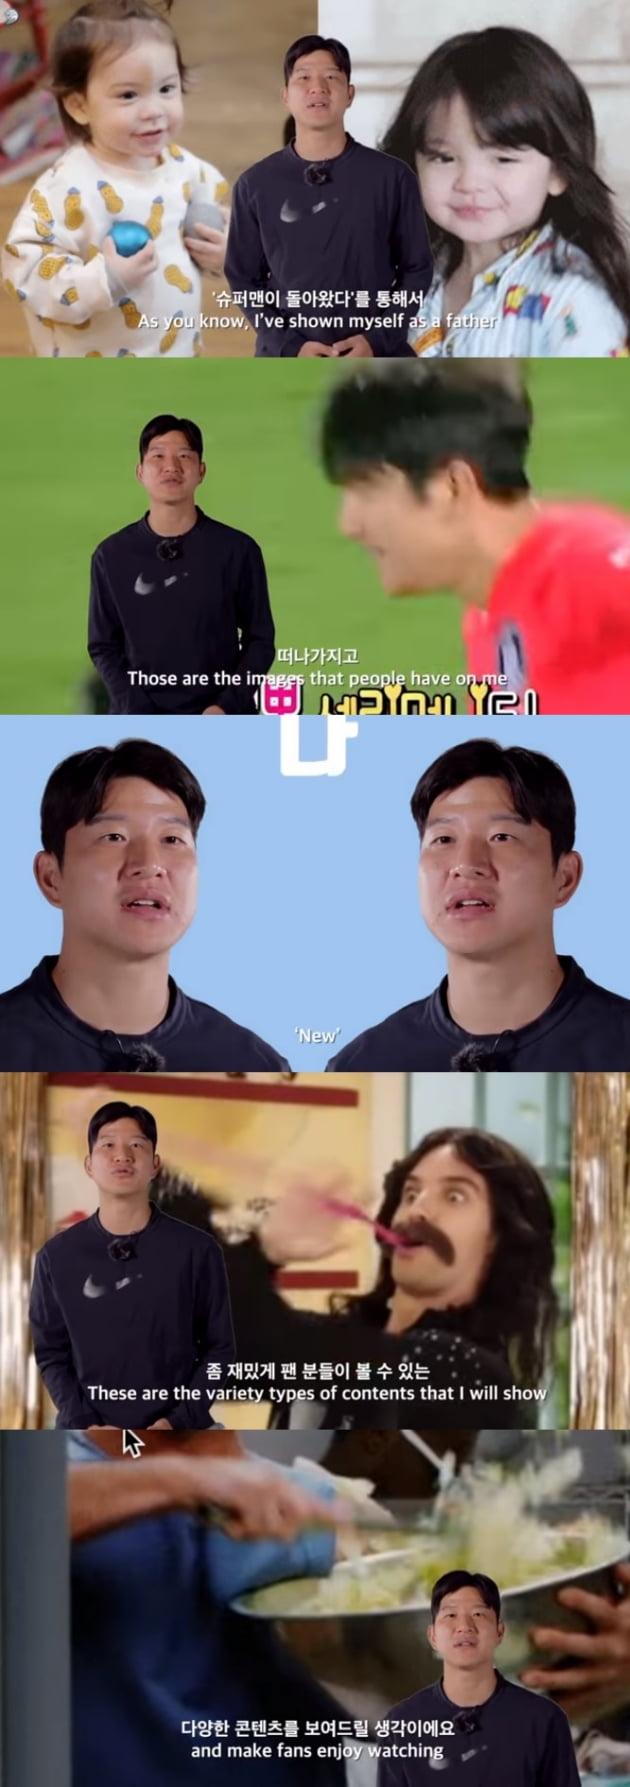 유튜브 채널 '캡틴파추호' / 사진 = 유튜브 영상 캡처